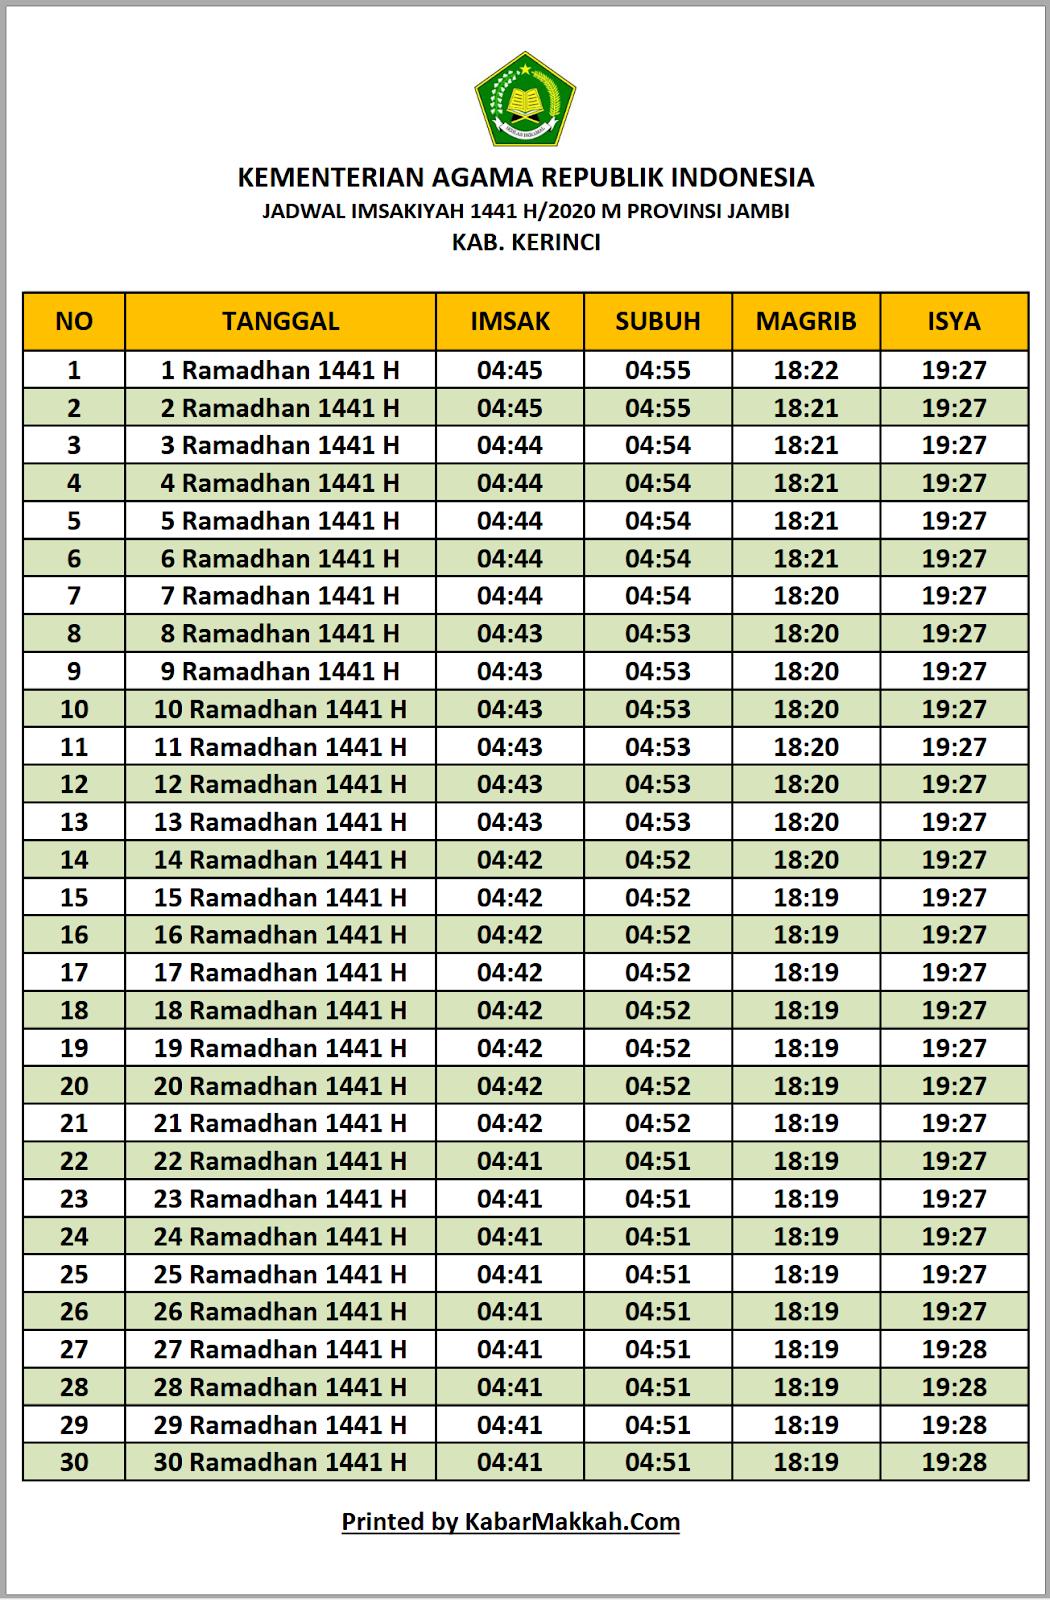 Jadwal Imsakiyah Kerinci 2020